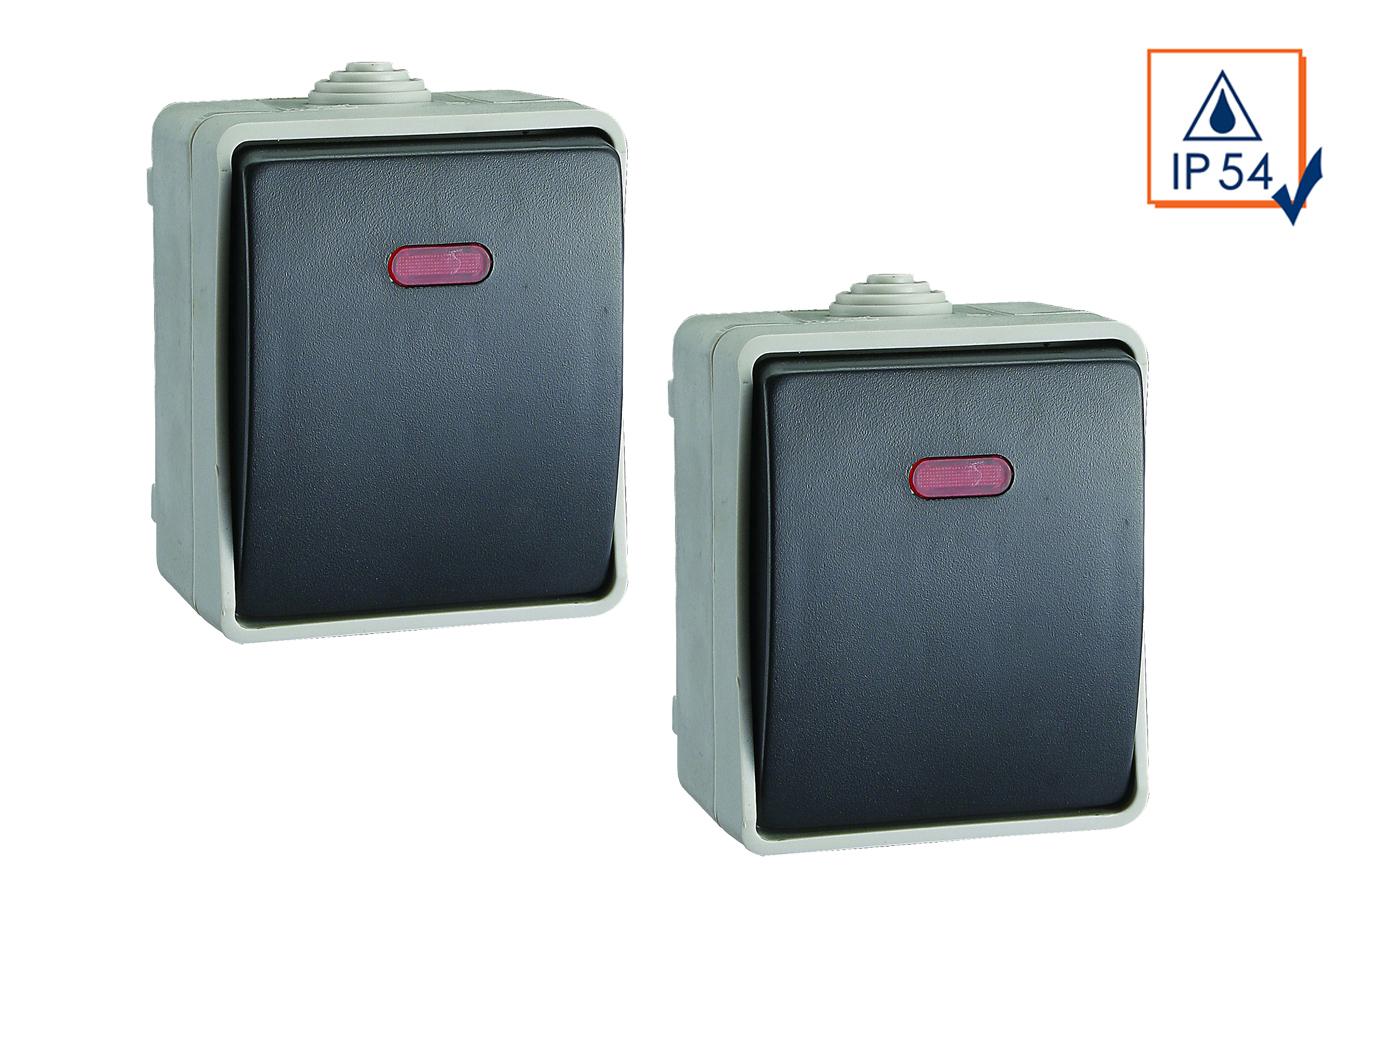 2er-Set beleuchtete Aufputz-Tasterschalter / Kontrollschalter für Feuchträume